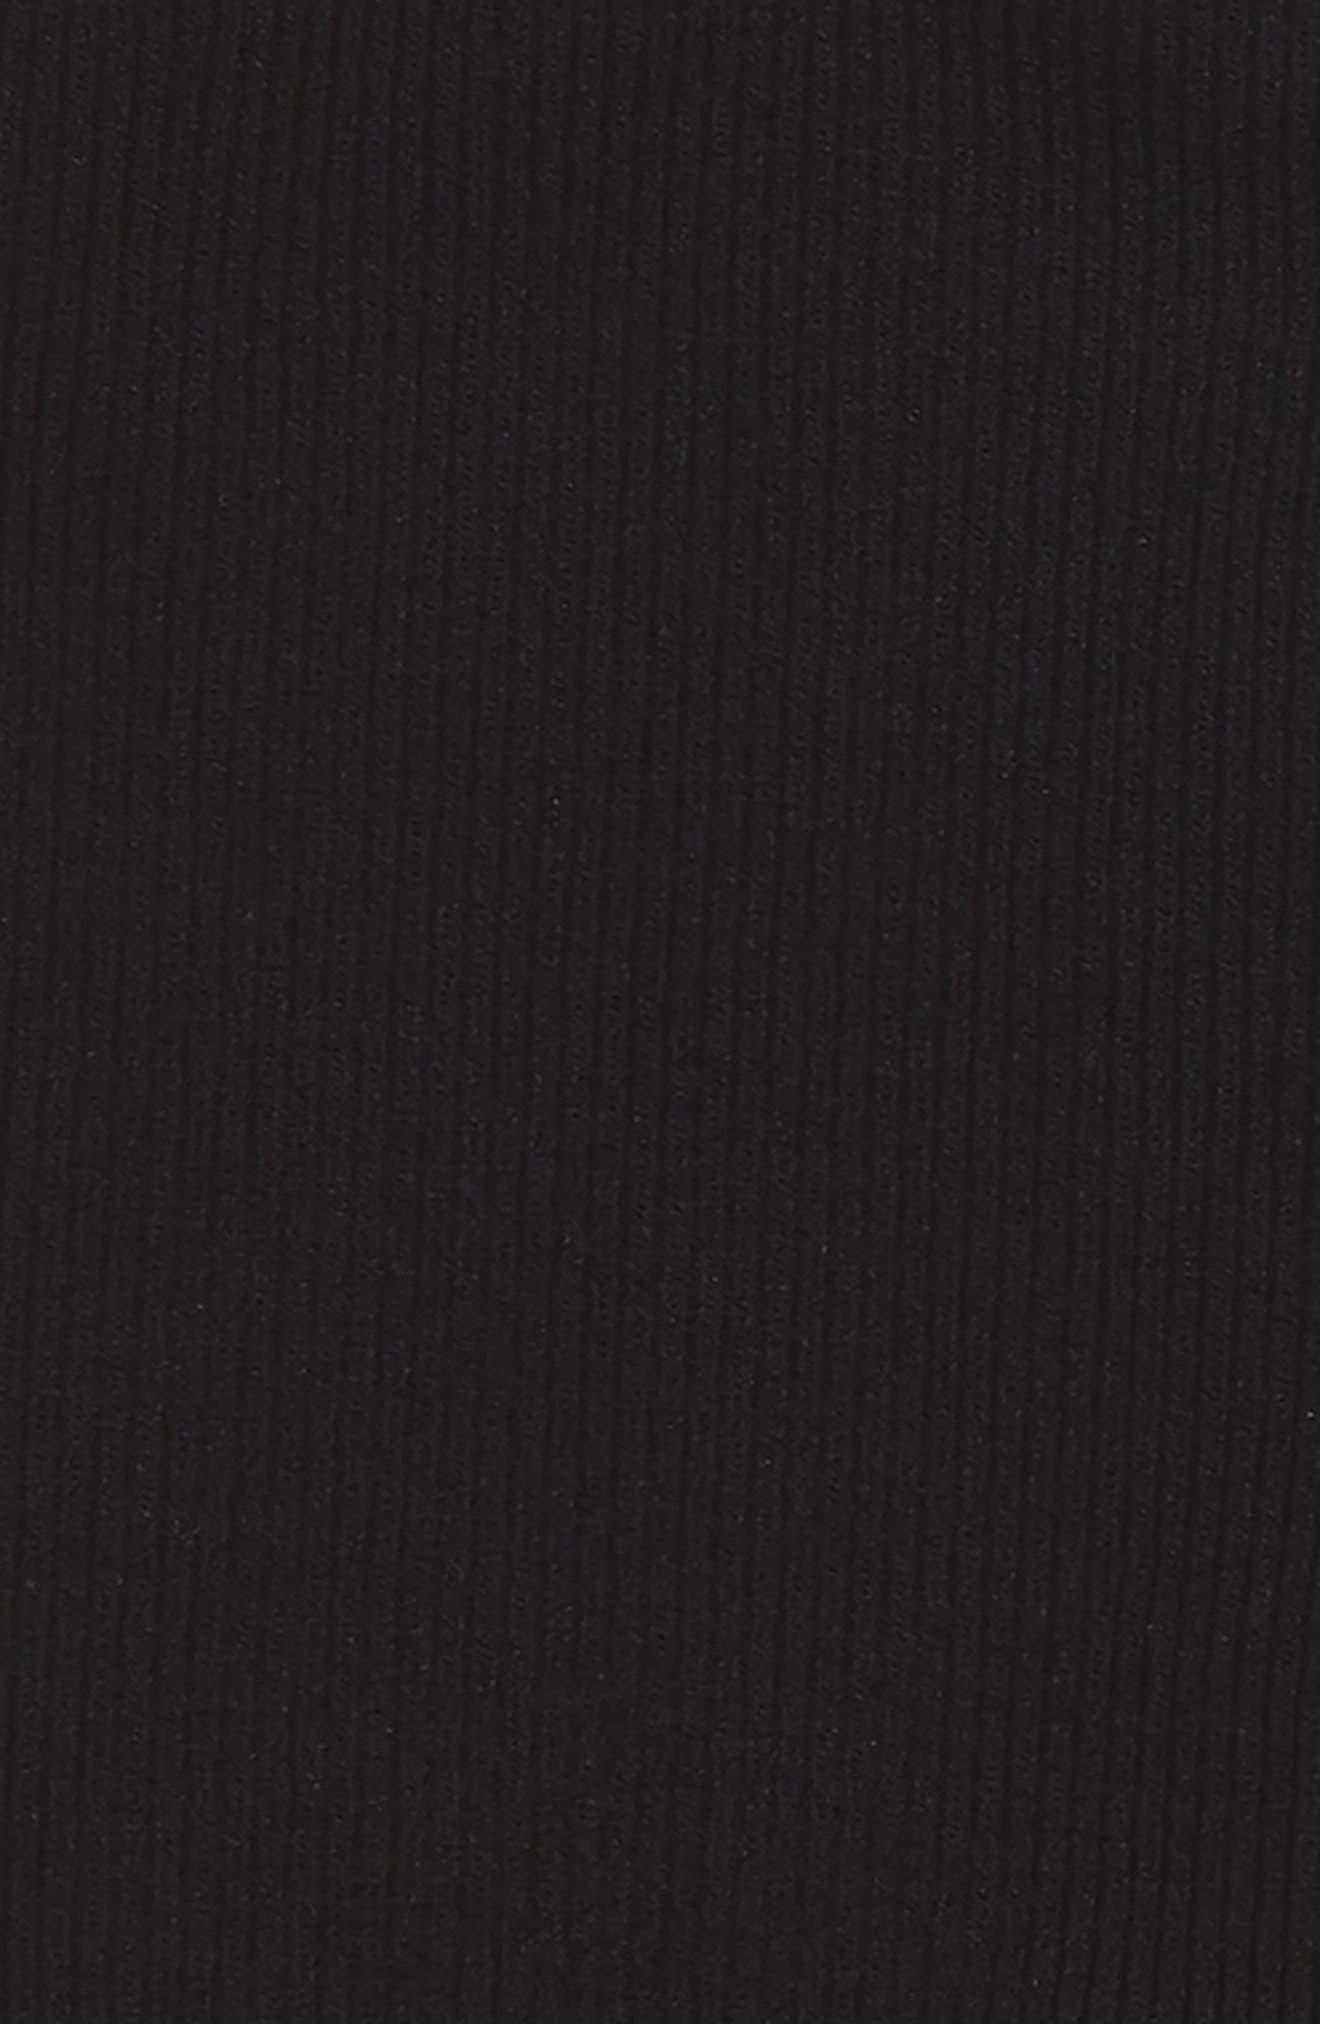 Criss Cross Bandeau Bralette,                             Main thumbnail 1, color,                             001